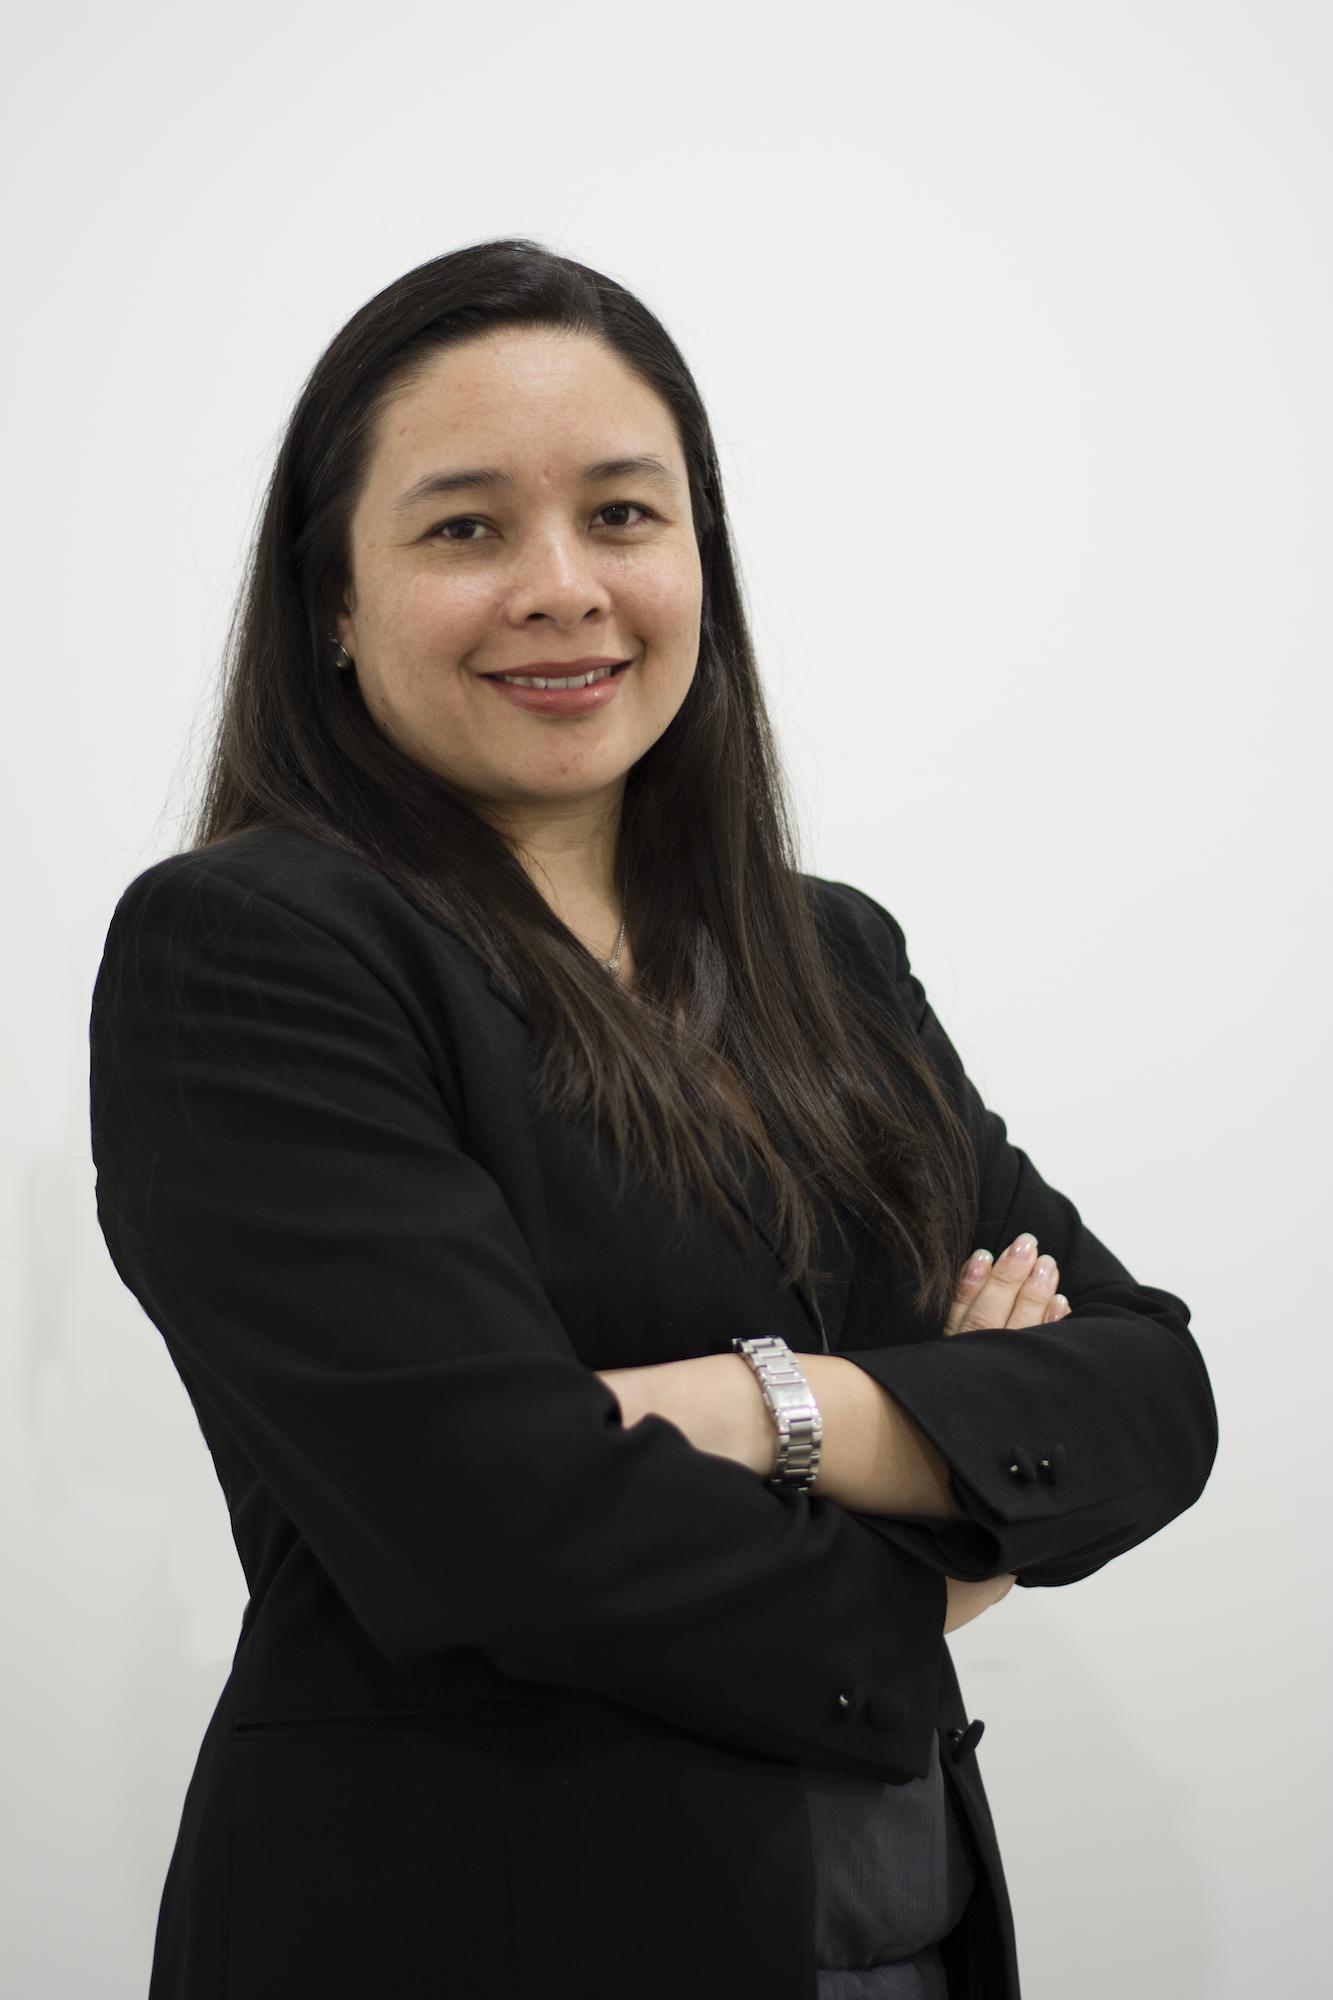 Lesly Véliz - Directora de la Unidad de Comunicación EmpresarialLicenciada en Ciencias de la Comunicación, de laUniversidad Mariano GálvezMaestría de Comunicación Estratégica e Imagen Institucional, Universidad Rafael LandivarDiplomado de Periodismo como agente de Desarrollo Social, graduada con mención honorífica, Instituto Tecnológico de MonterreyCatedrática universitaria